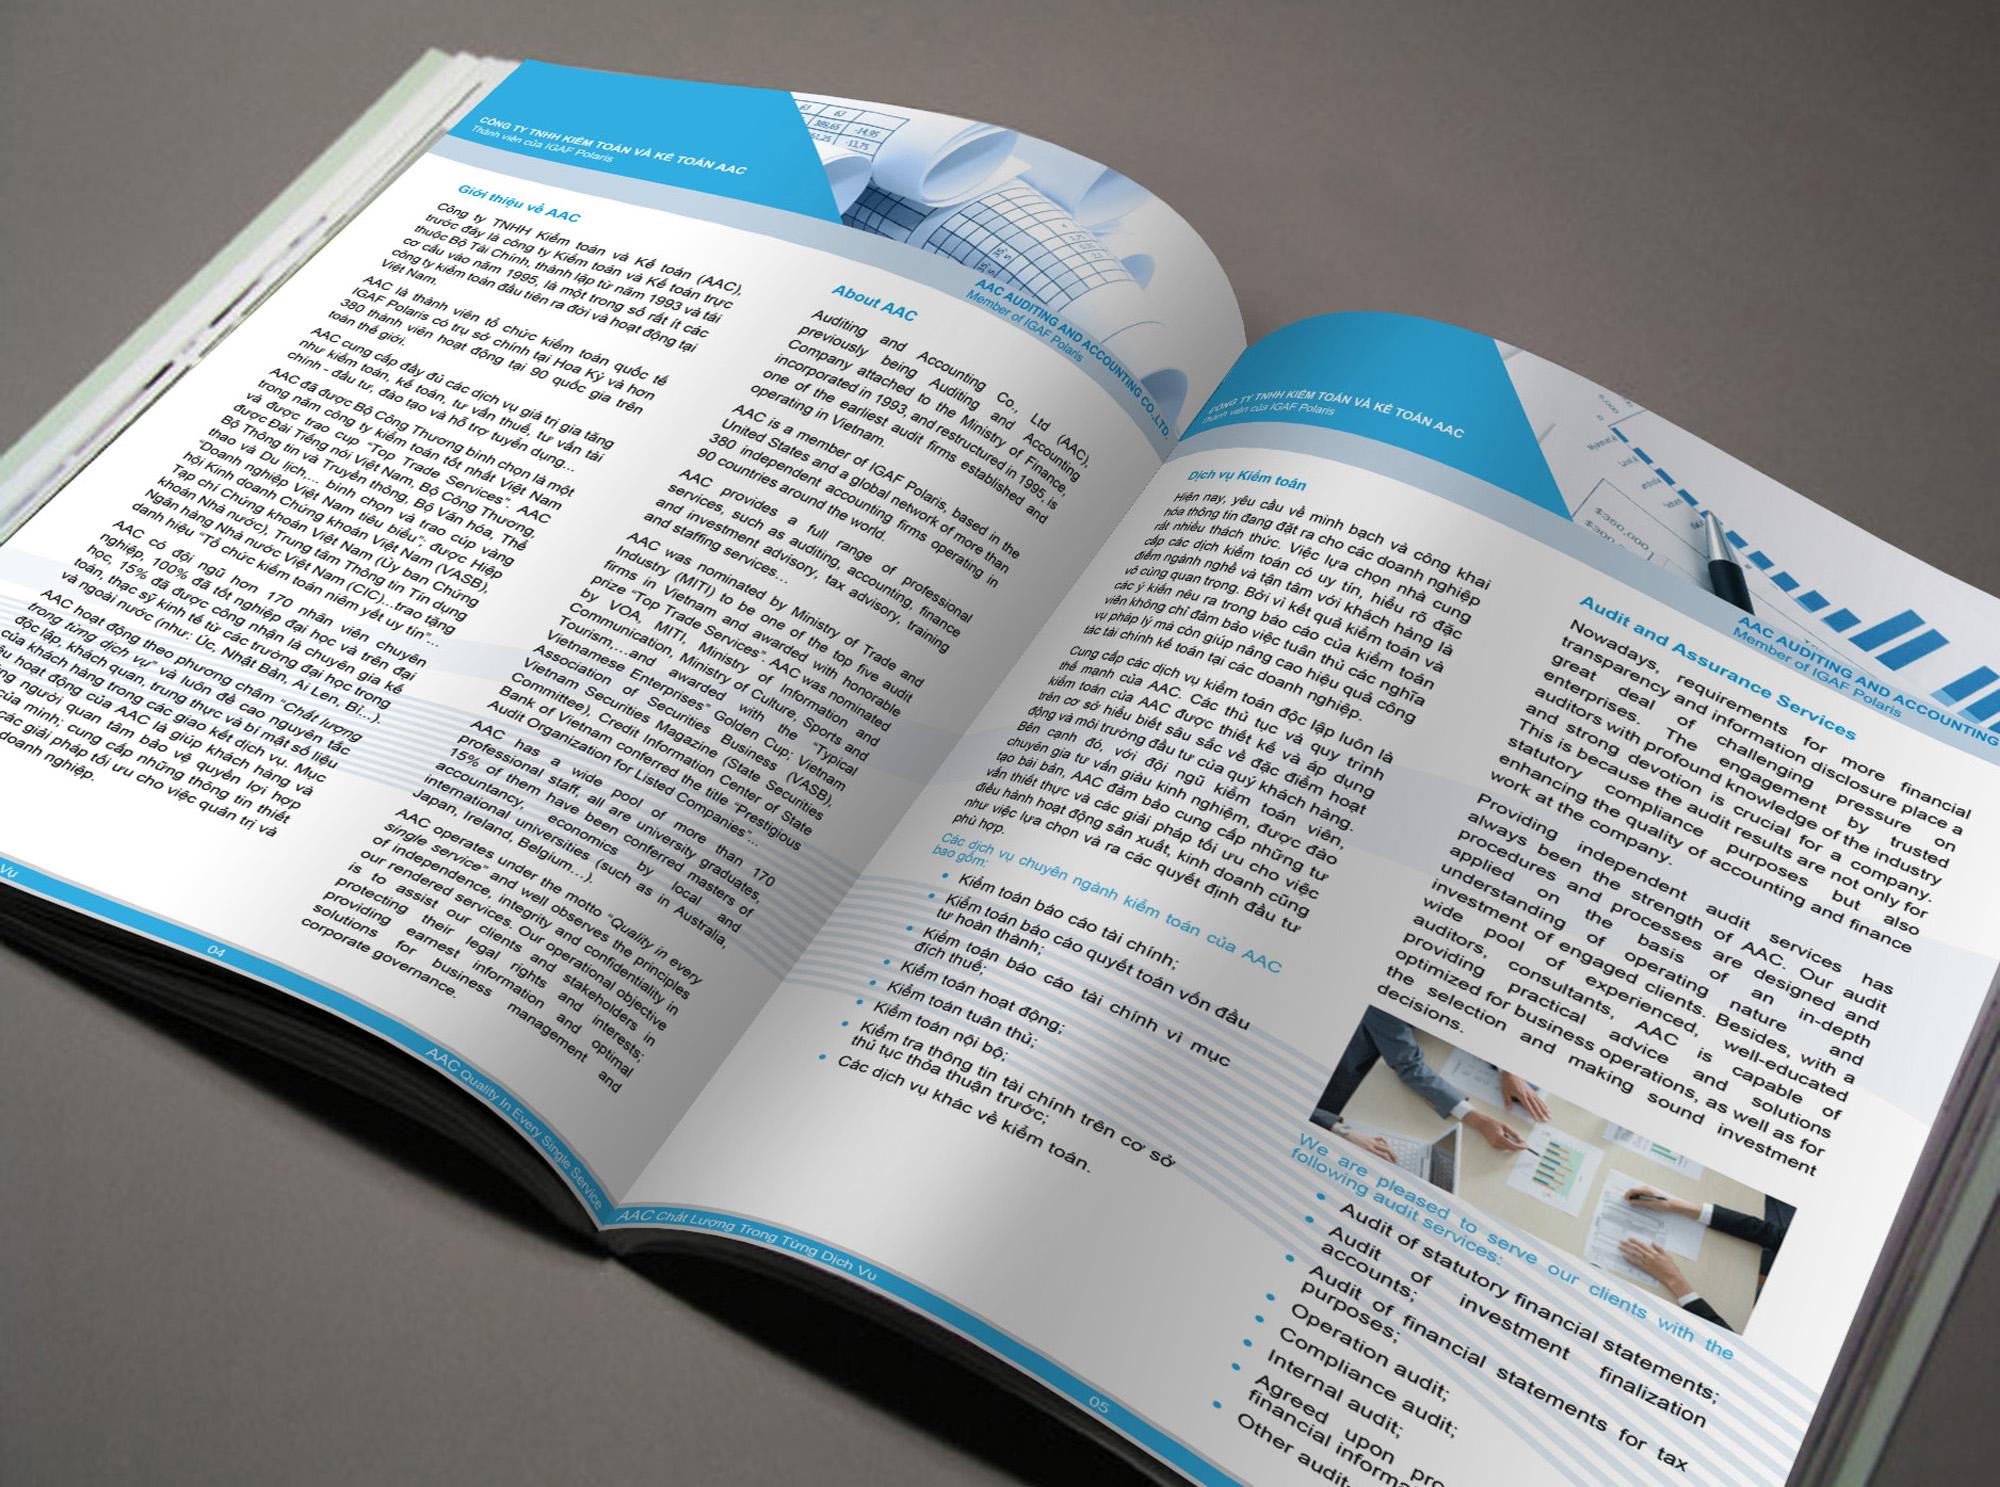 Thiết kế hồ sơ năng lực công ty Kiểm Toán và Kế Toán AAC tại Hà Nội, TP HCM